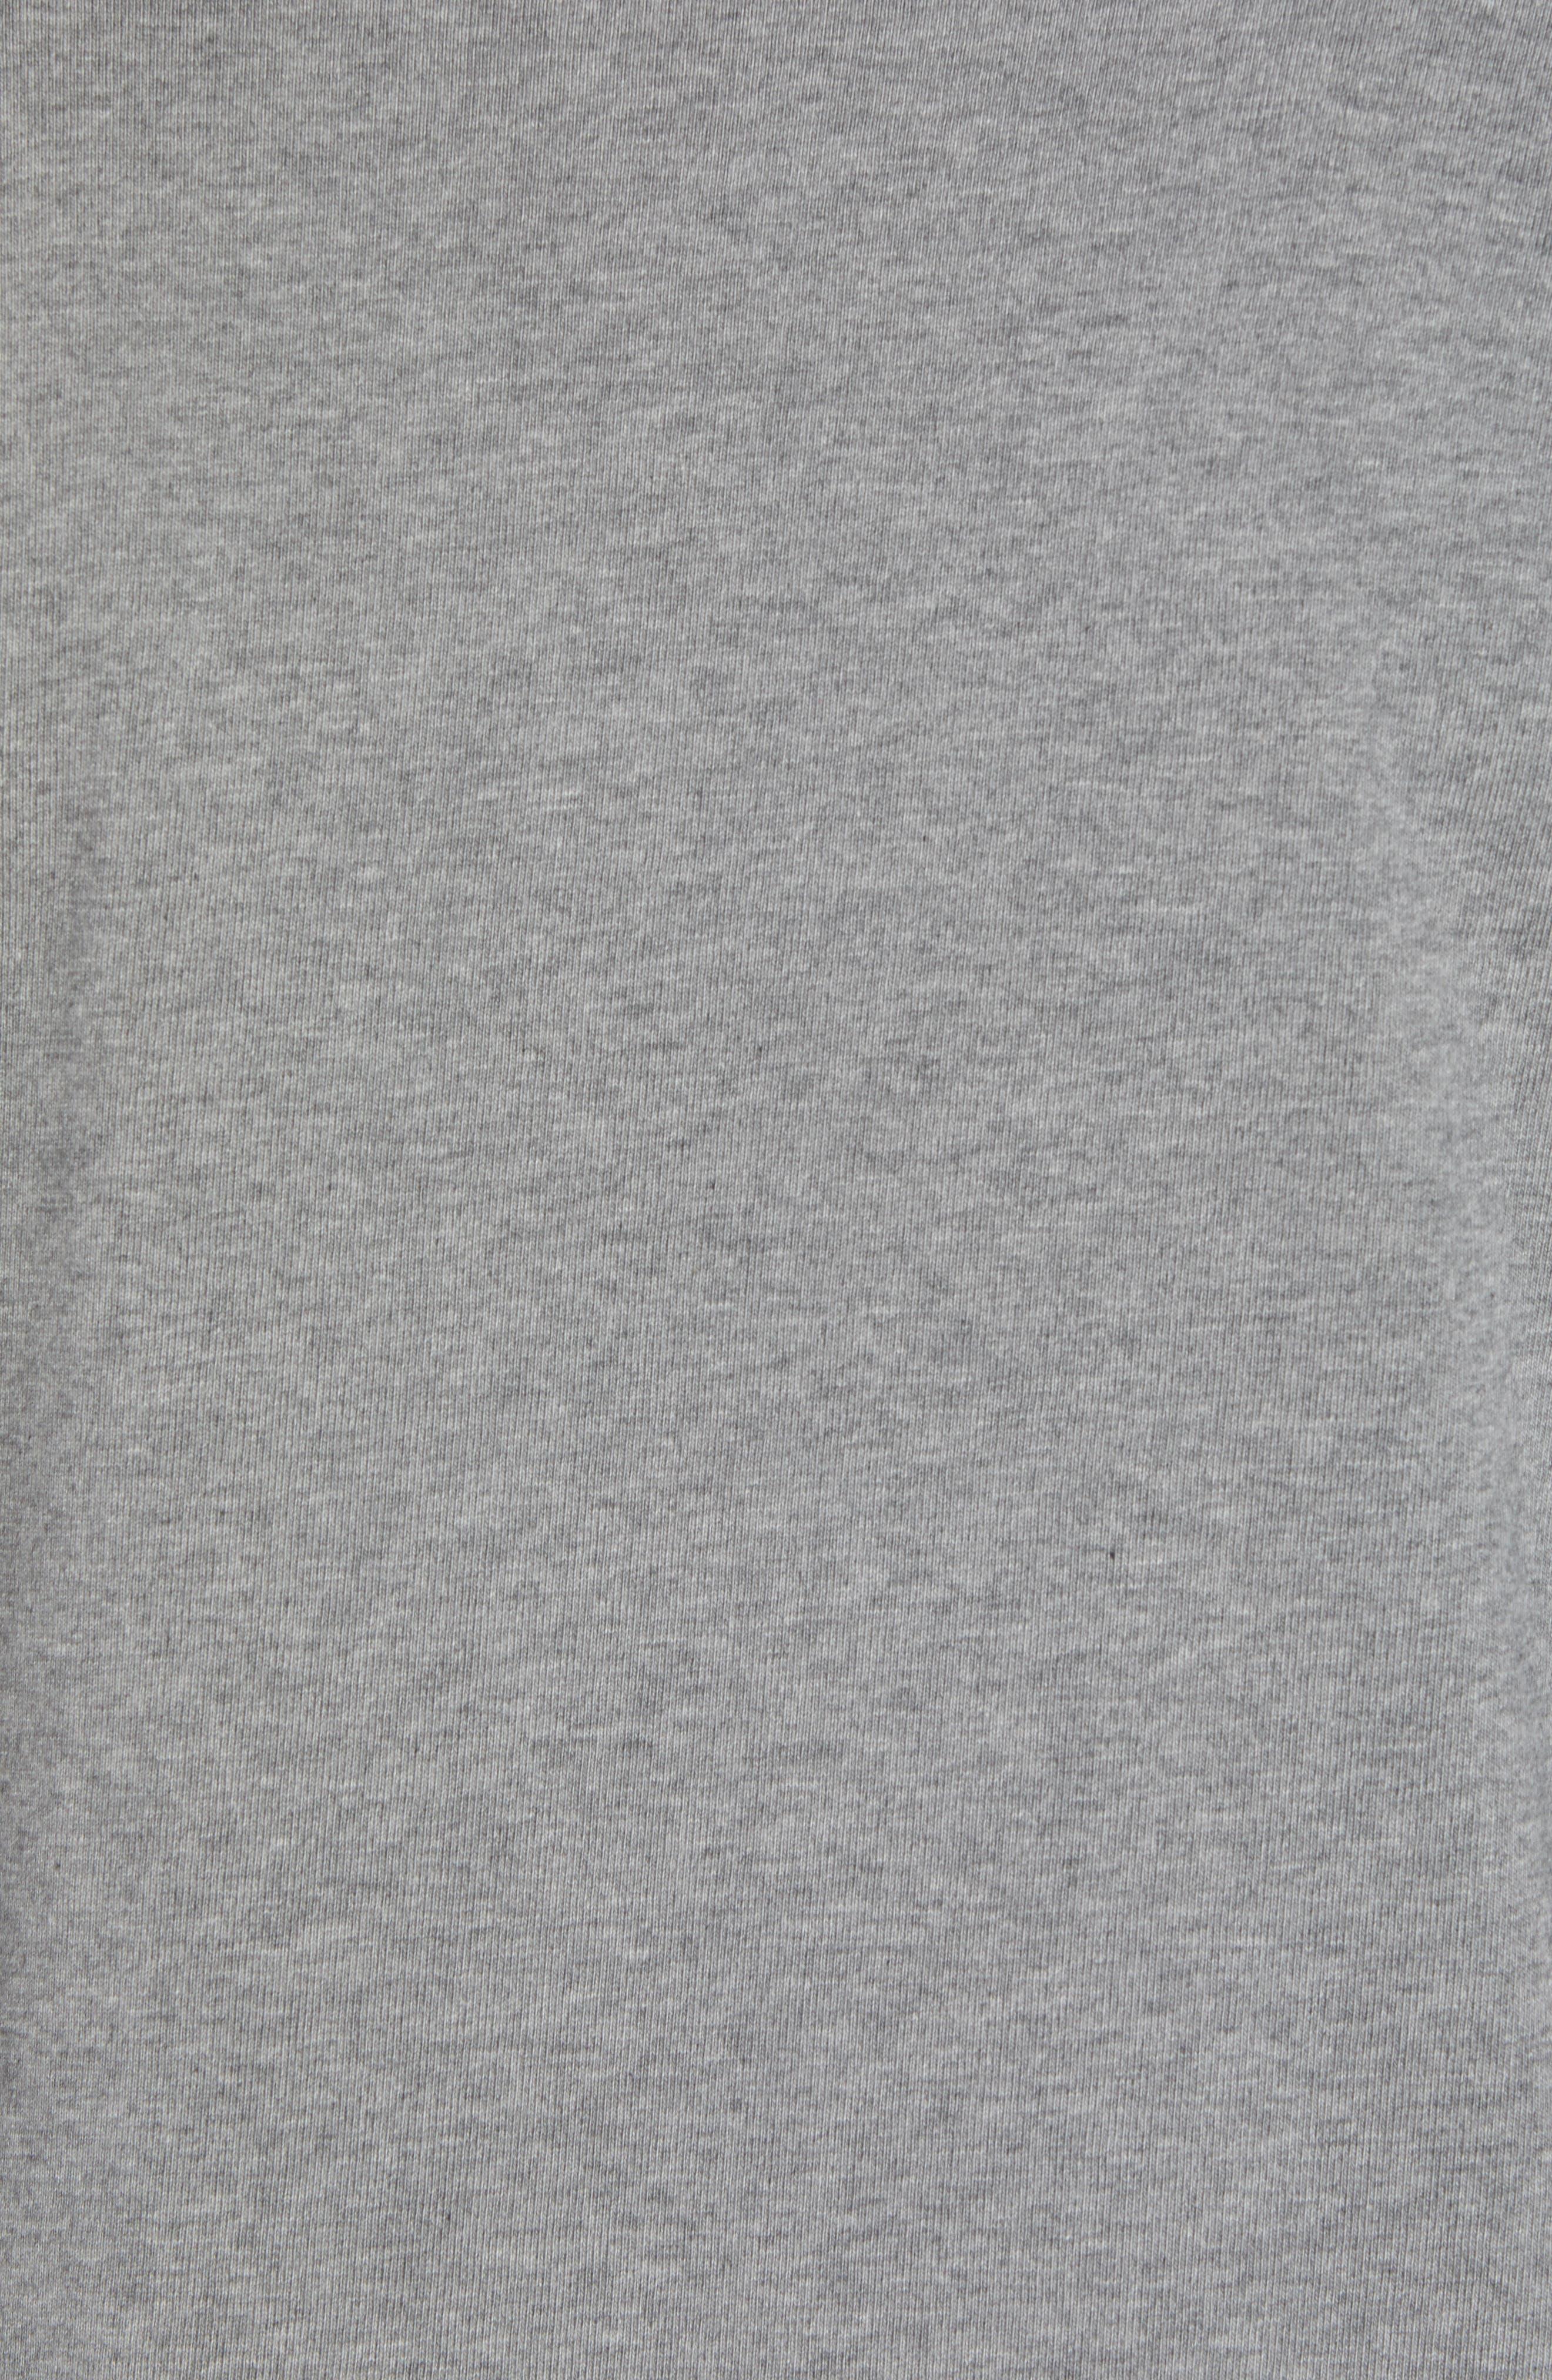 Sportswear NSW Appliqué T-Shirt,                             Alternate thumbnail 5, color,                             CARBON HEATHER